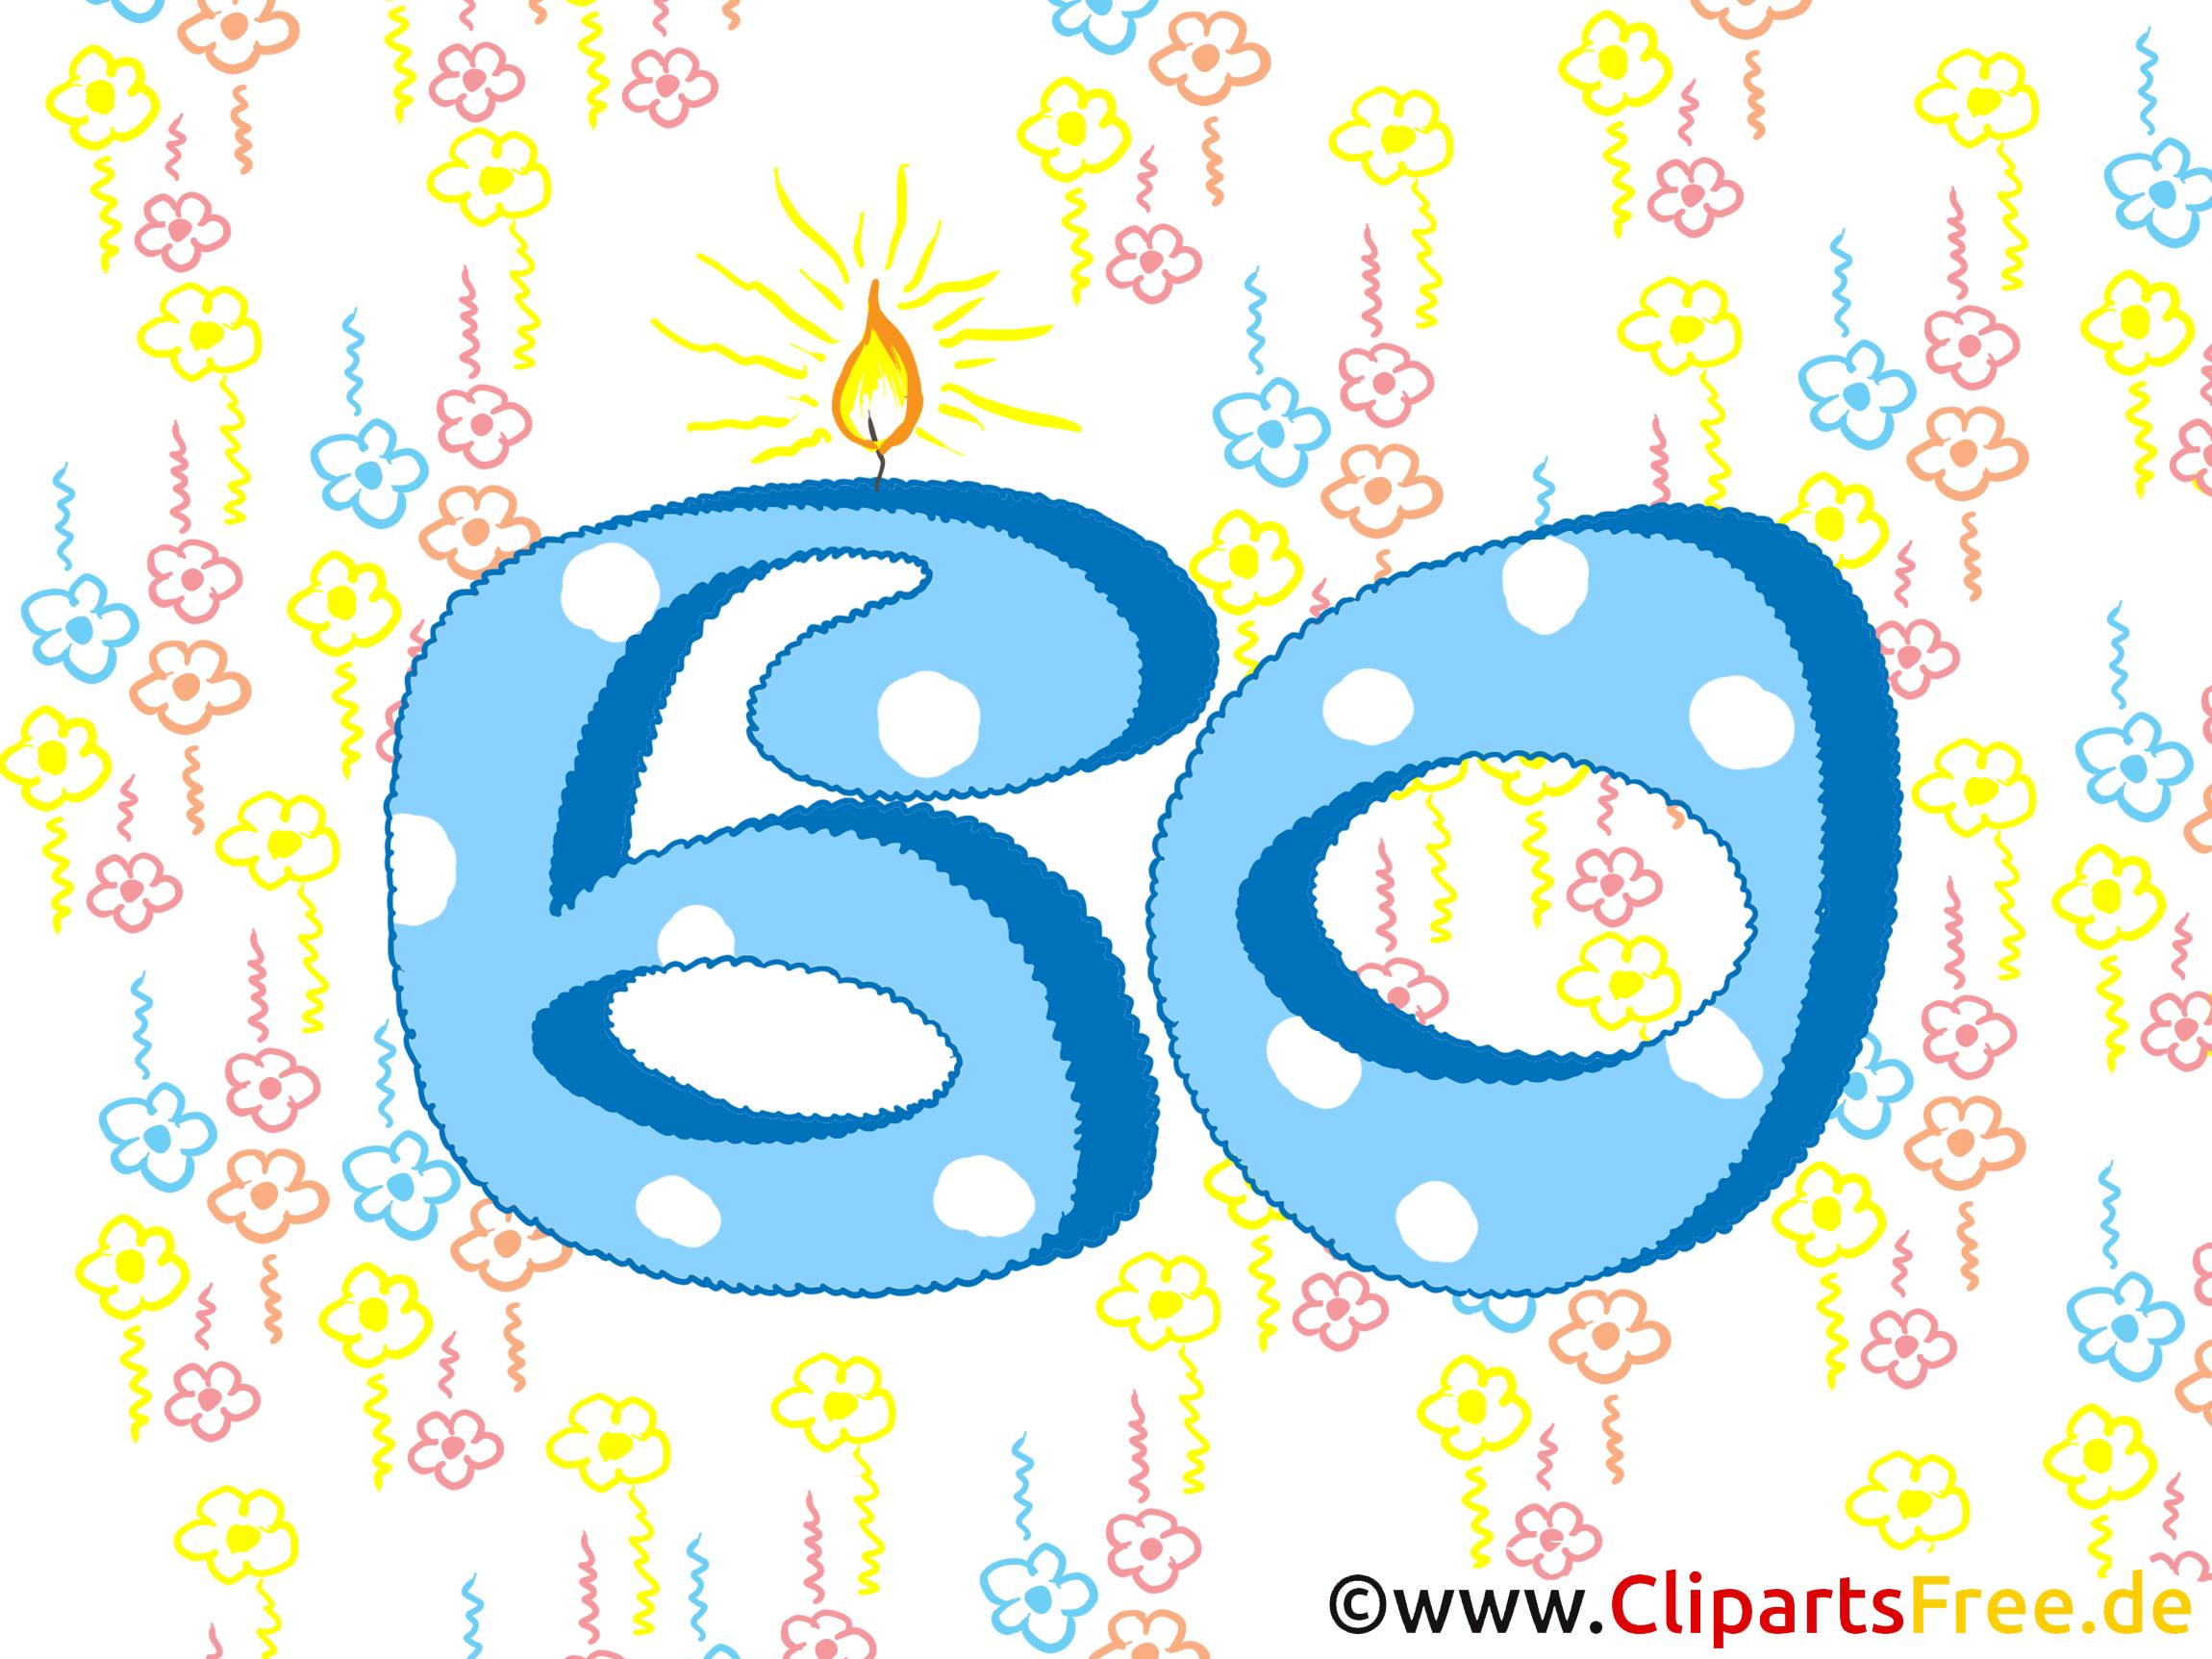 Geburtstagswünsche zum 60 - Glückwunschkarte gratis